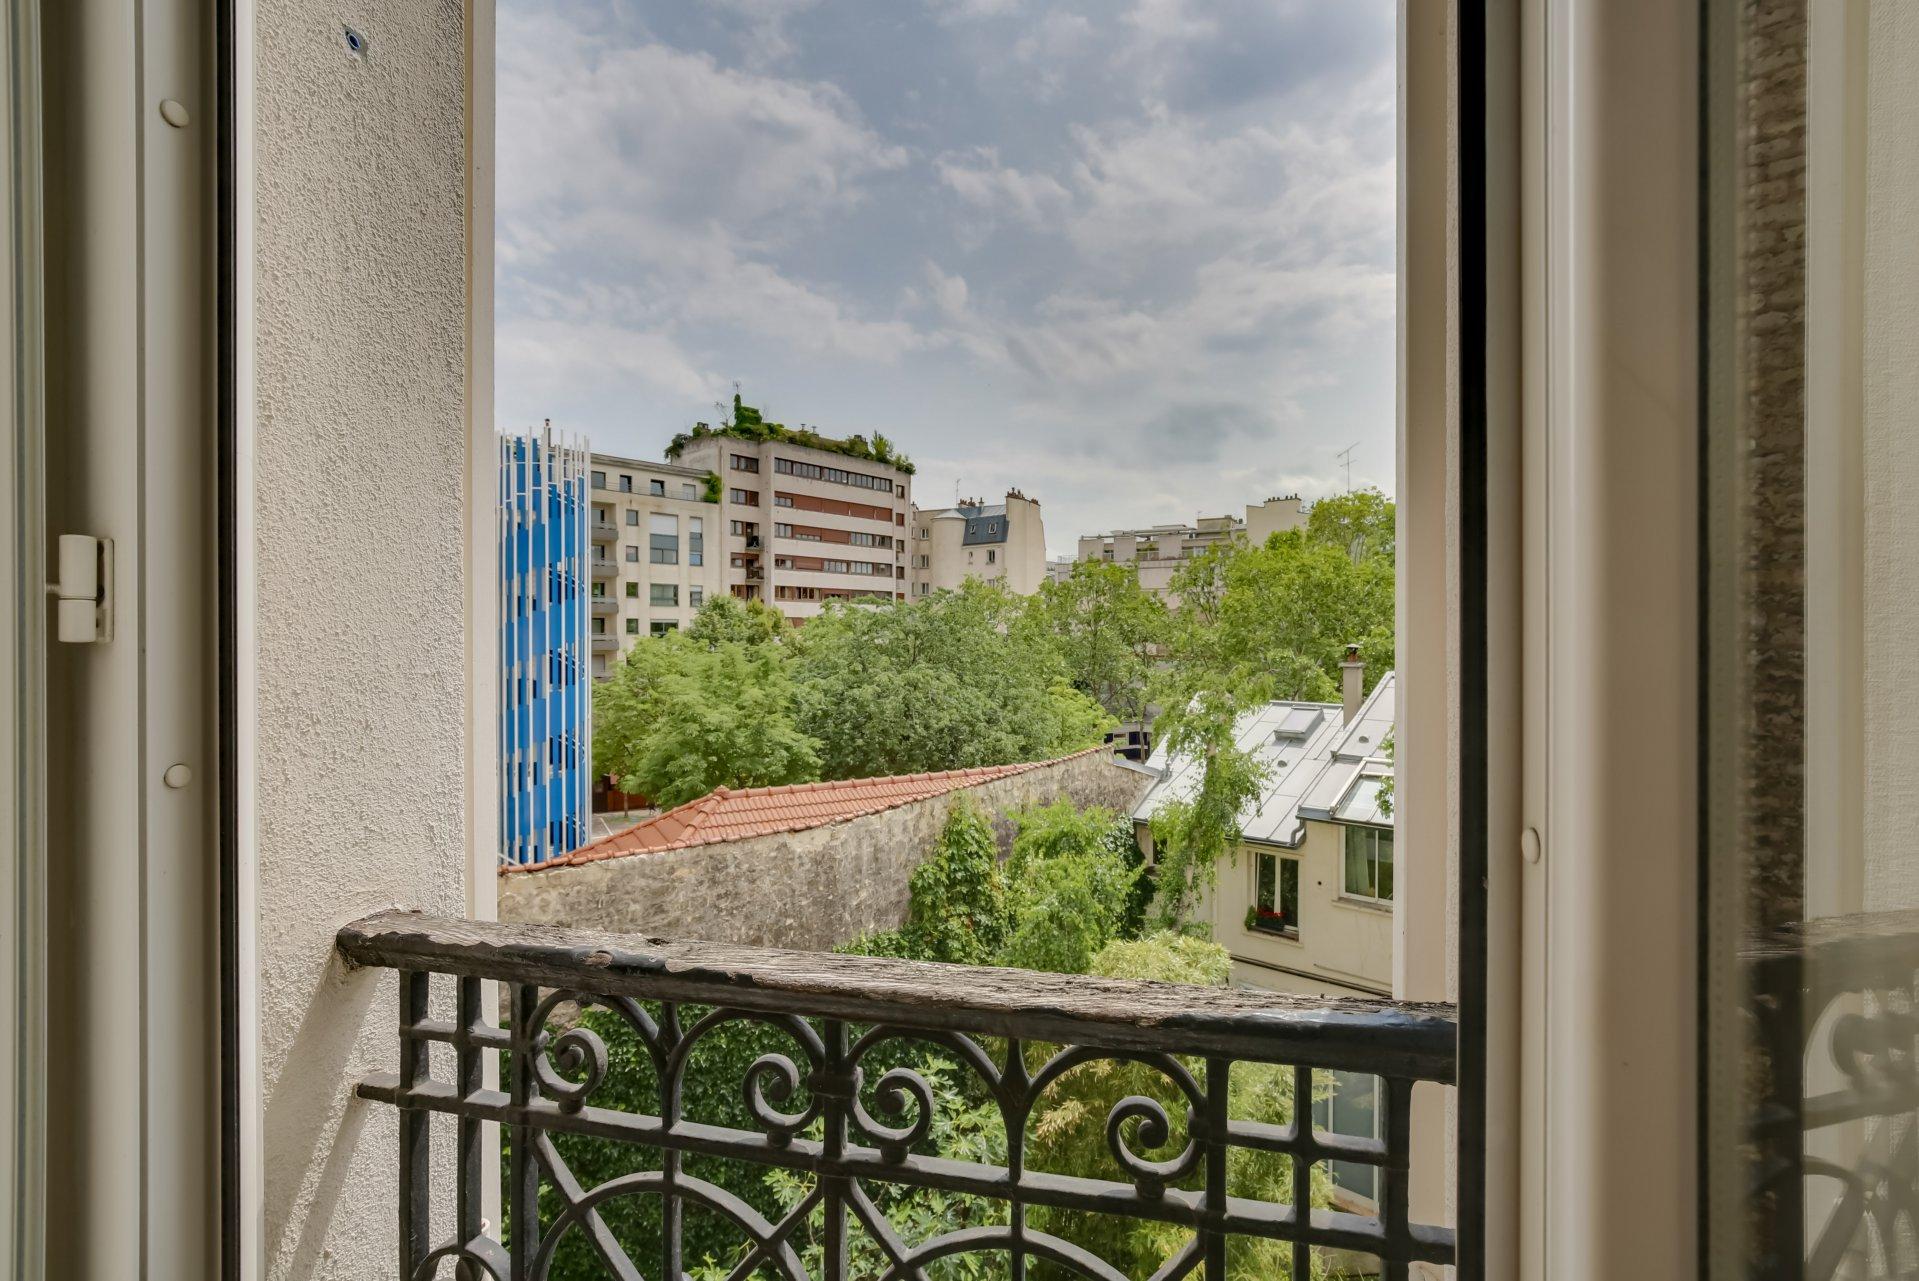 14e - Alésia - Rue Sarrette